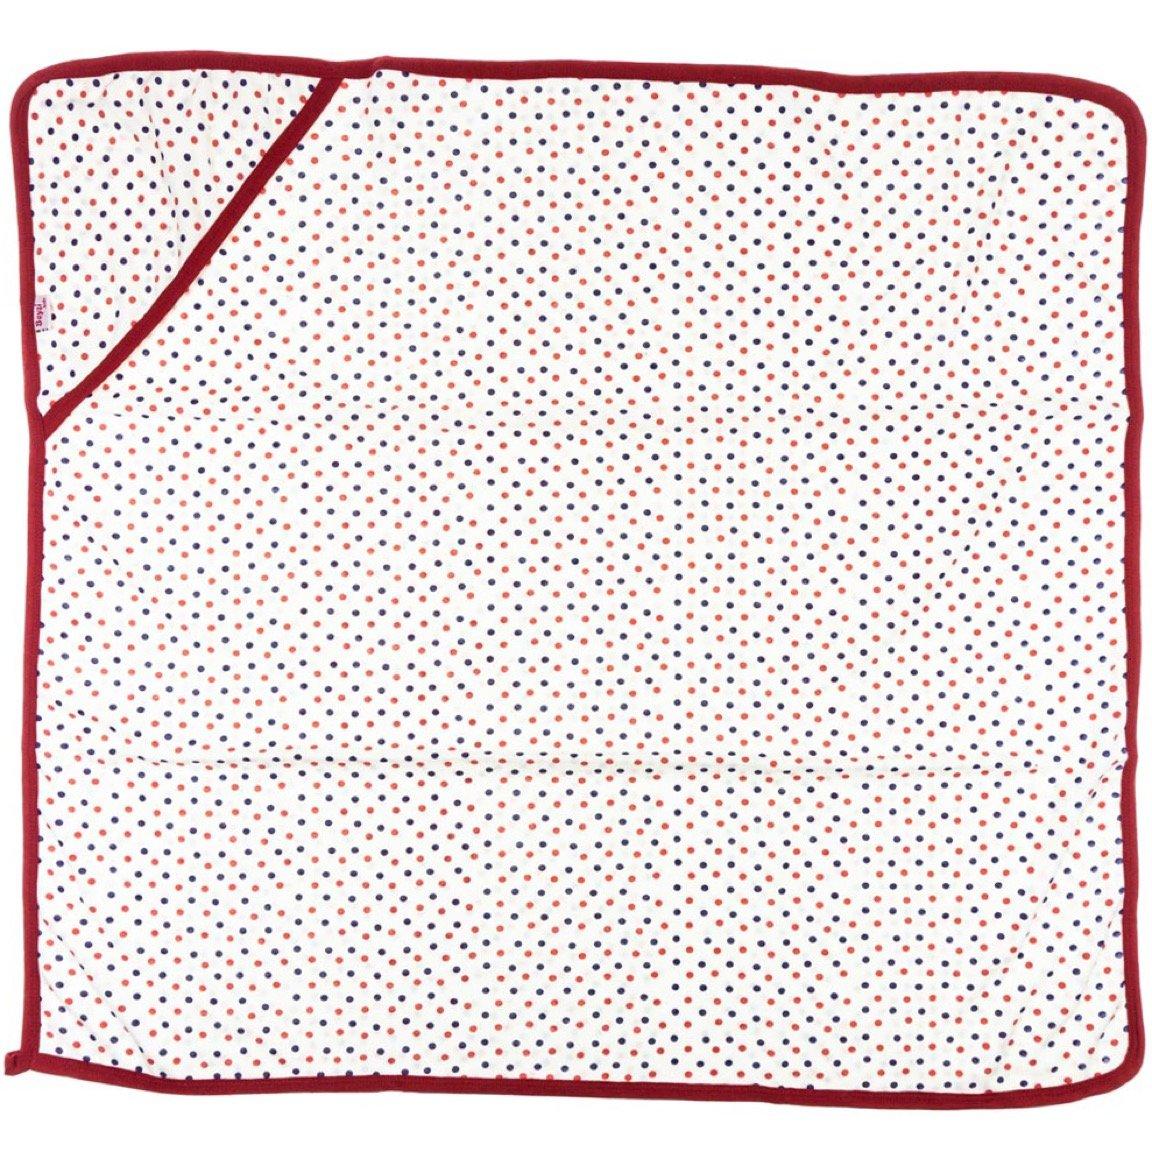 Beyzi βρεφική μπουρνουζοπετσέτα «Dots»